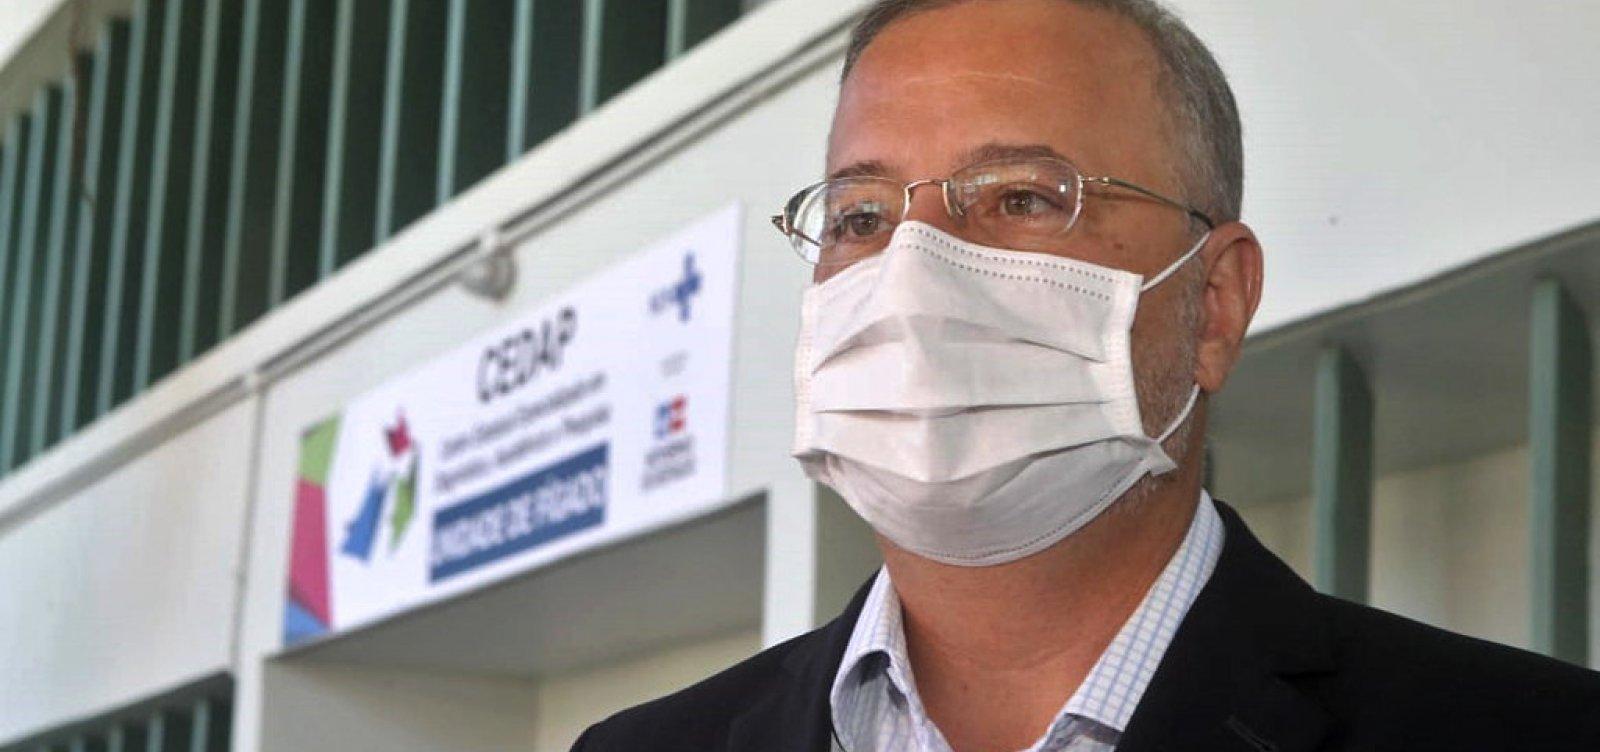 [Secretário de Saúde da Bahia endossa crítica de líder do governo Bolsonaro à Anvisa]